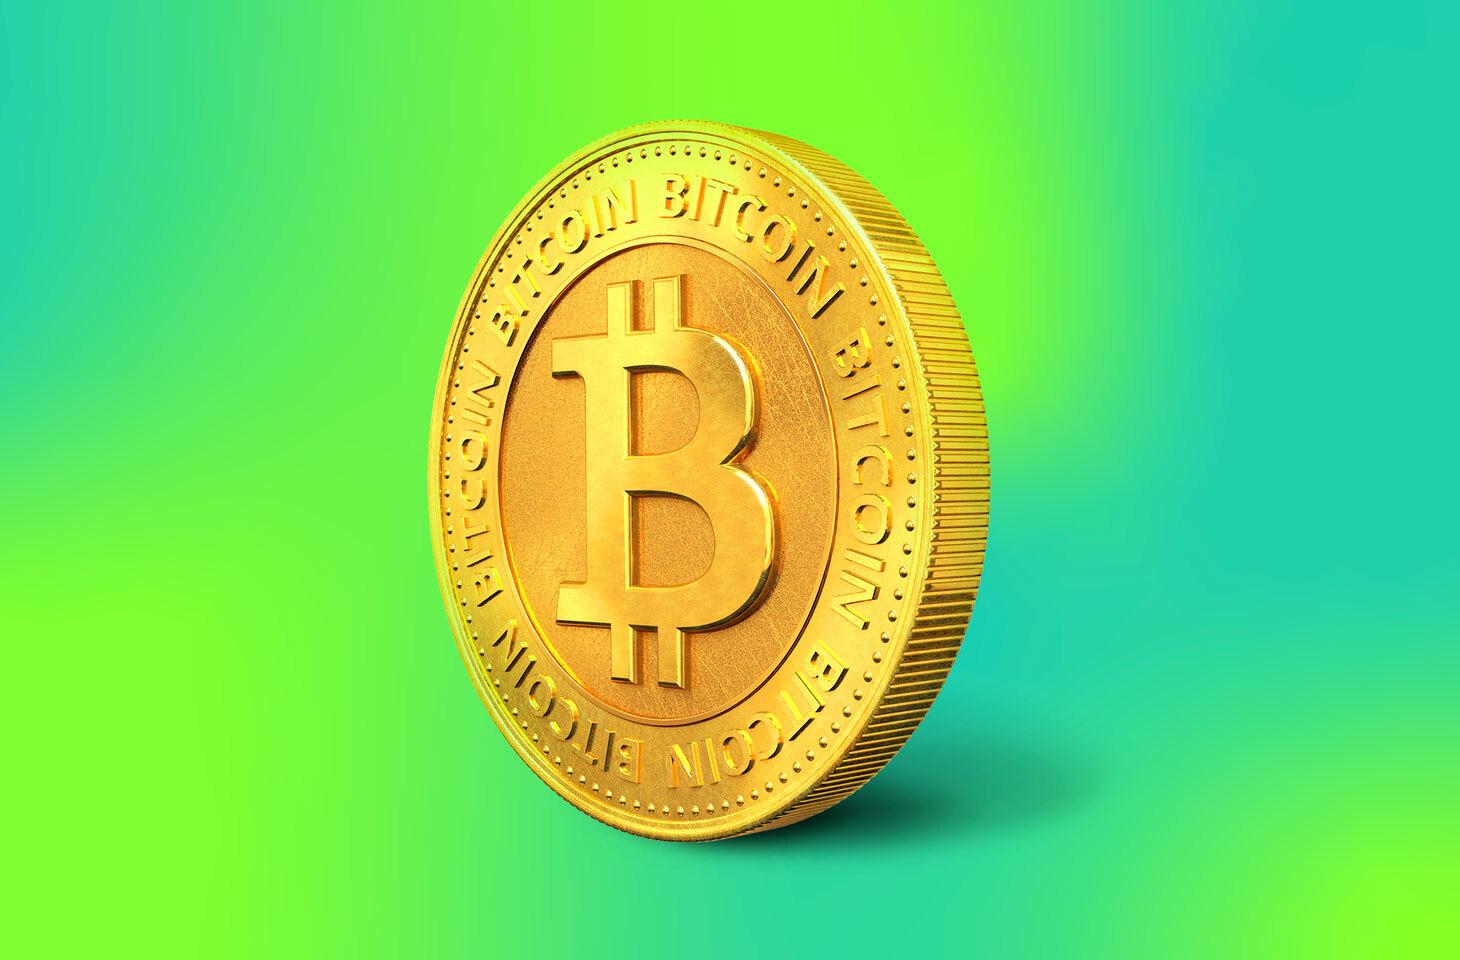 Как инвестировать в крипто: основы безопасности для начинающих